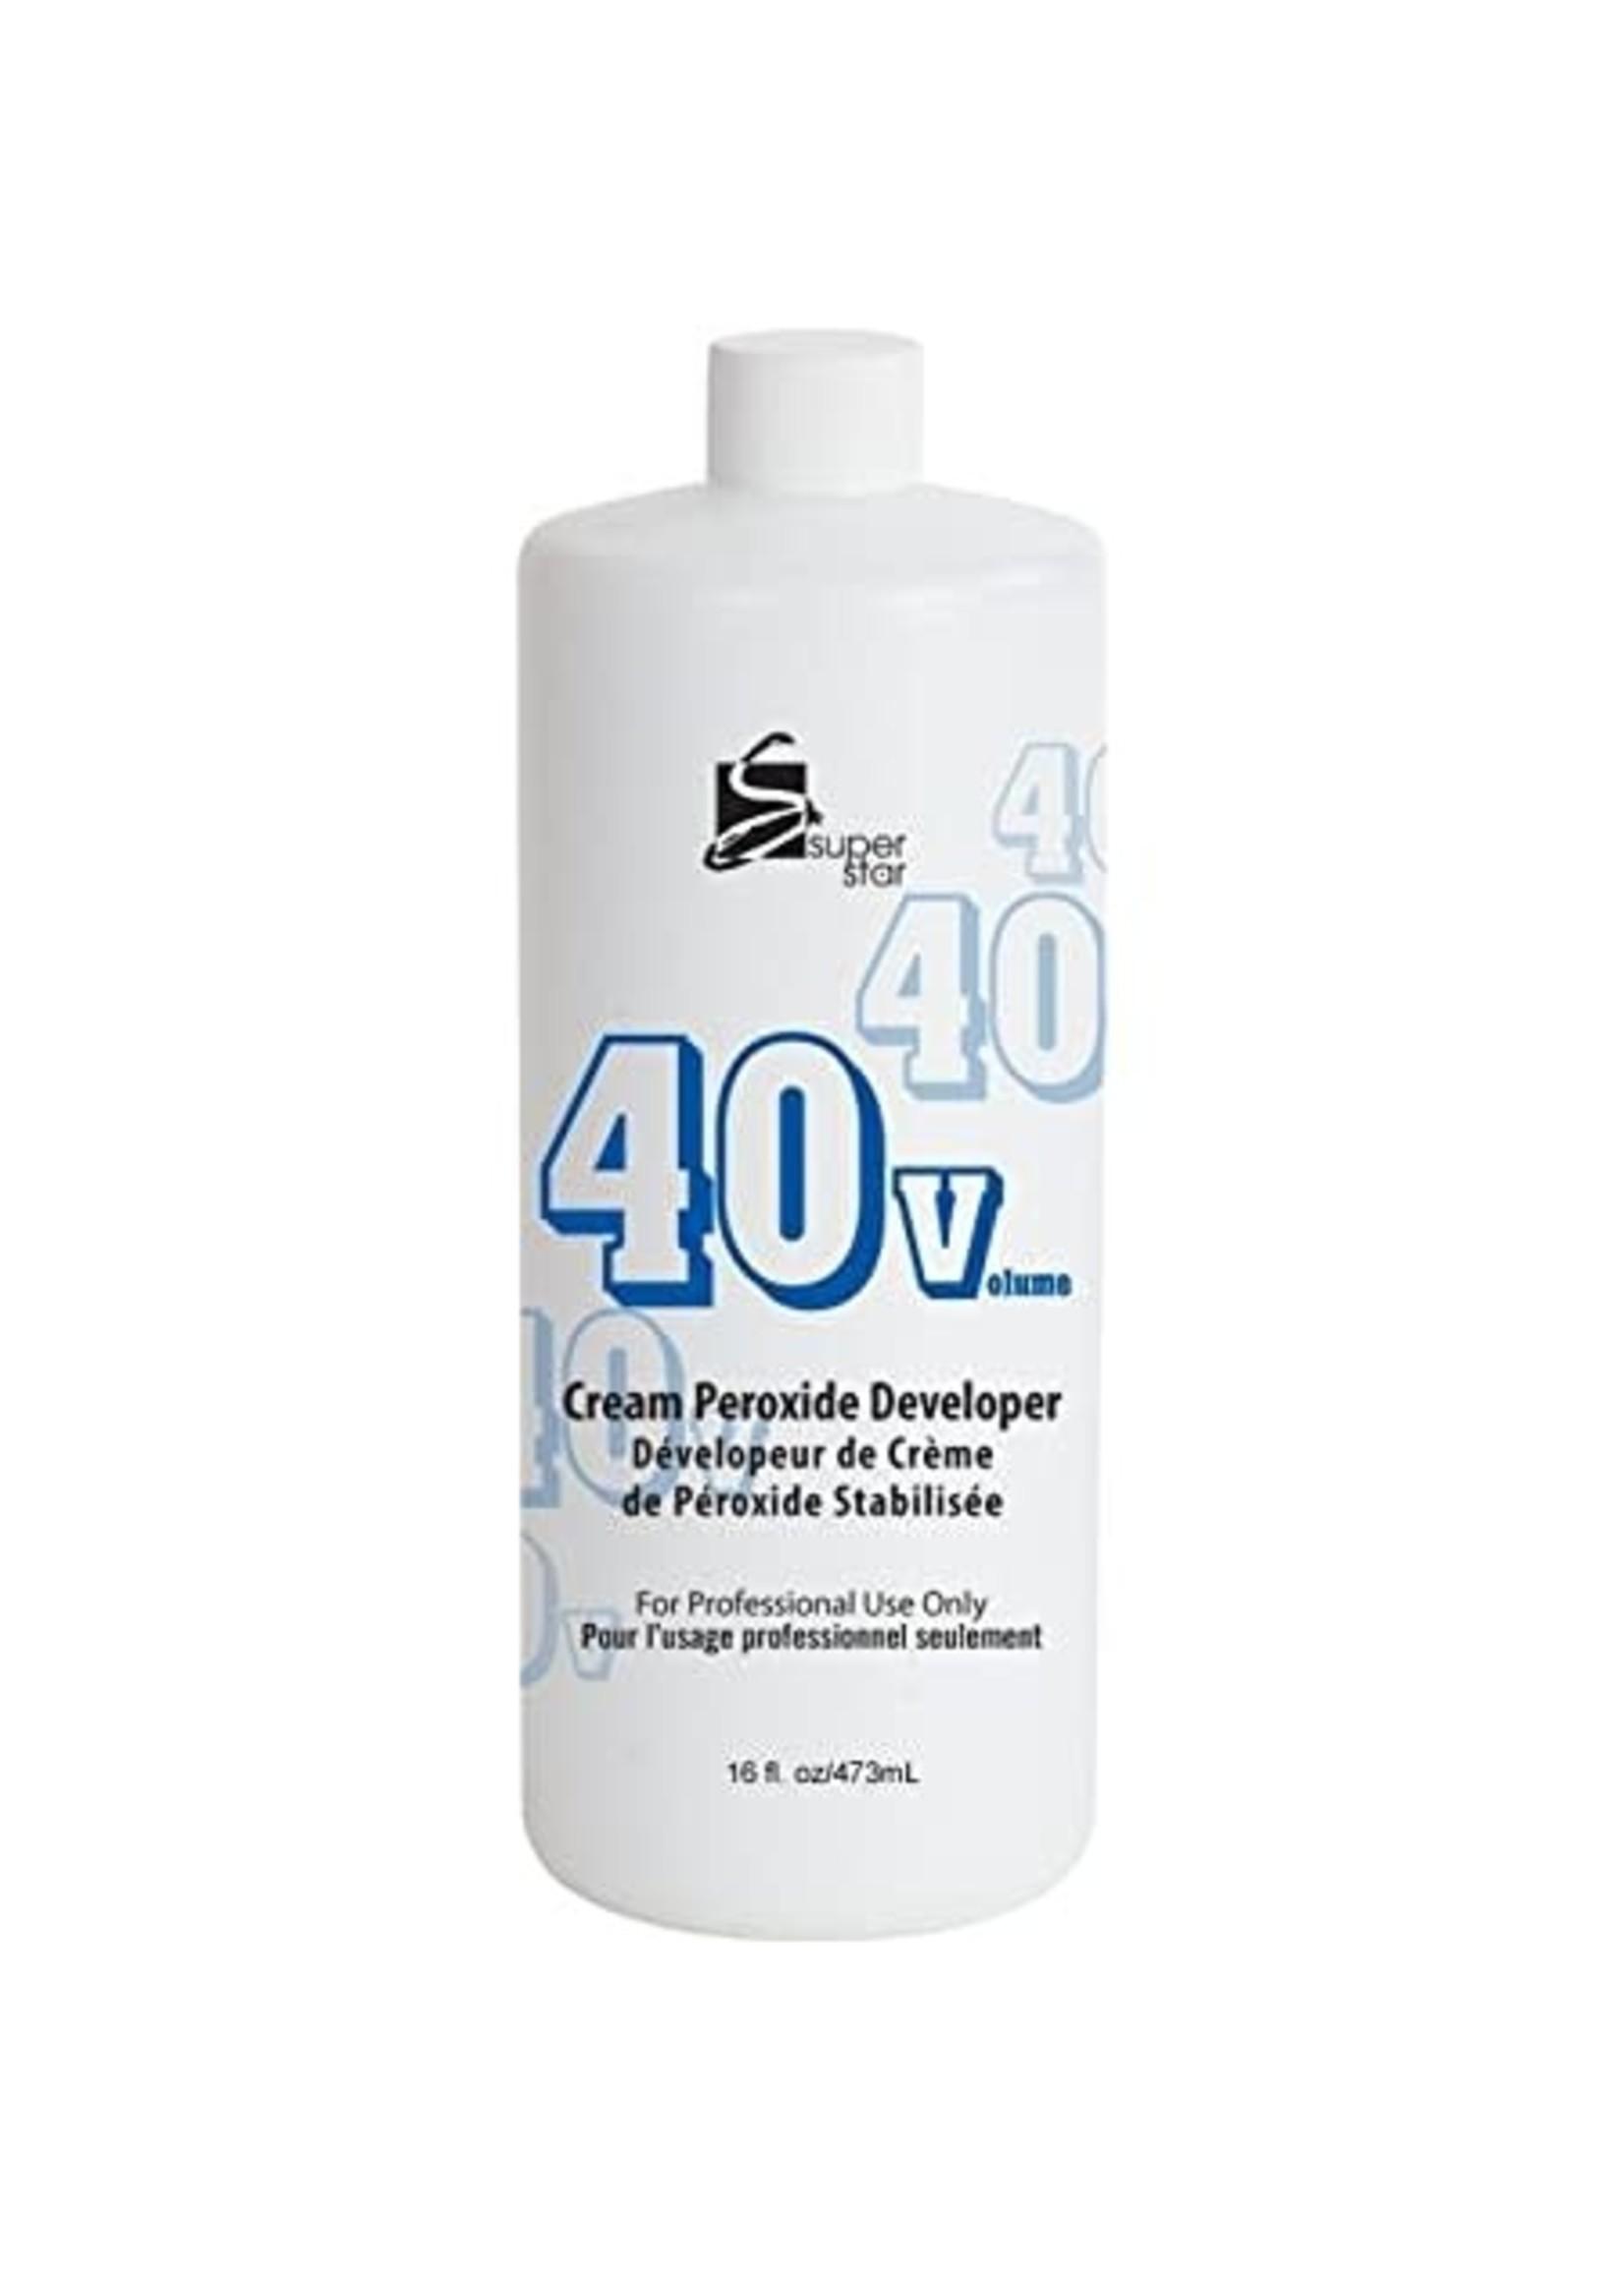 Super Star 40V Cream Peroxide Developer 16 OZ